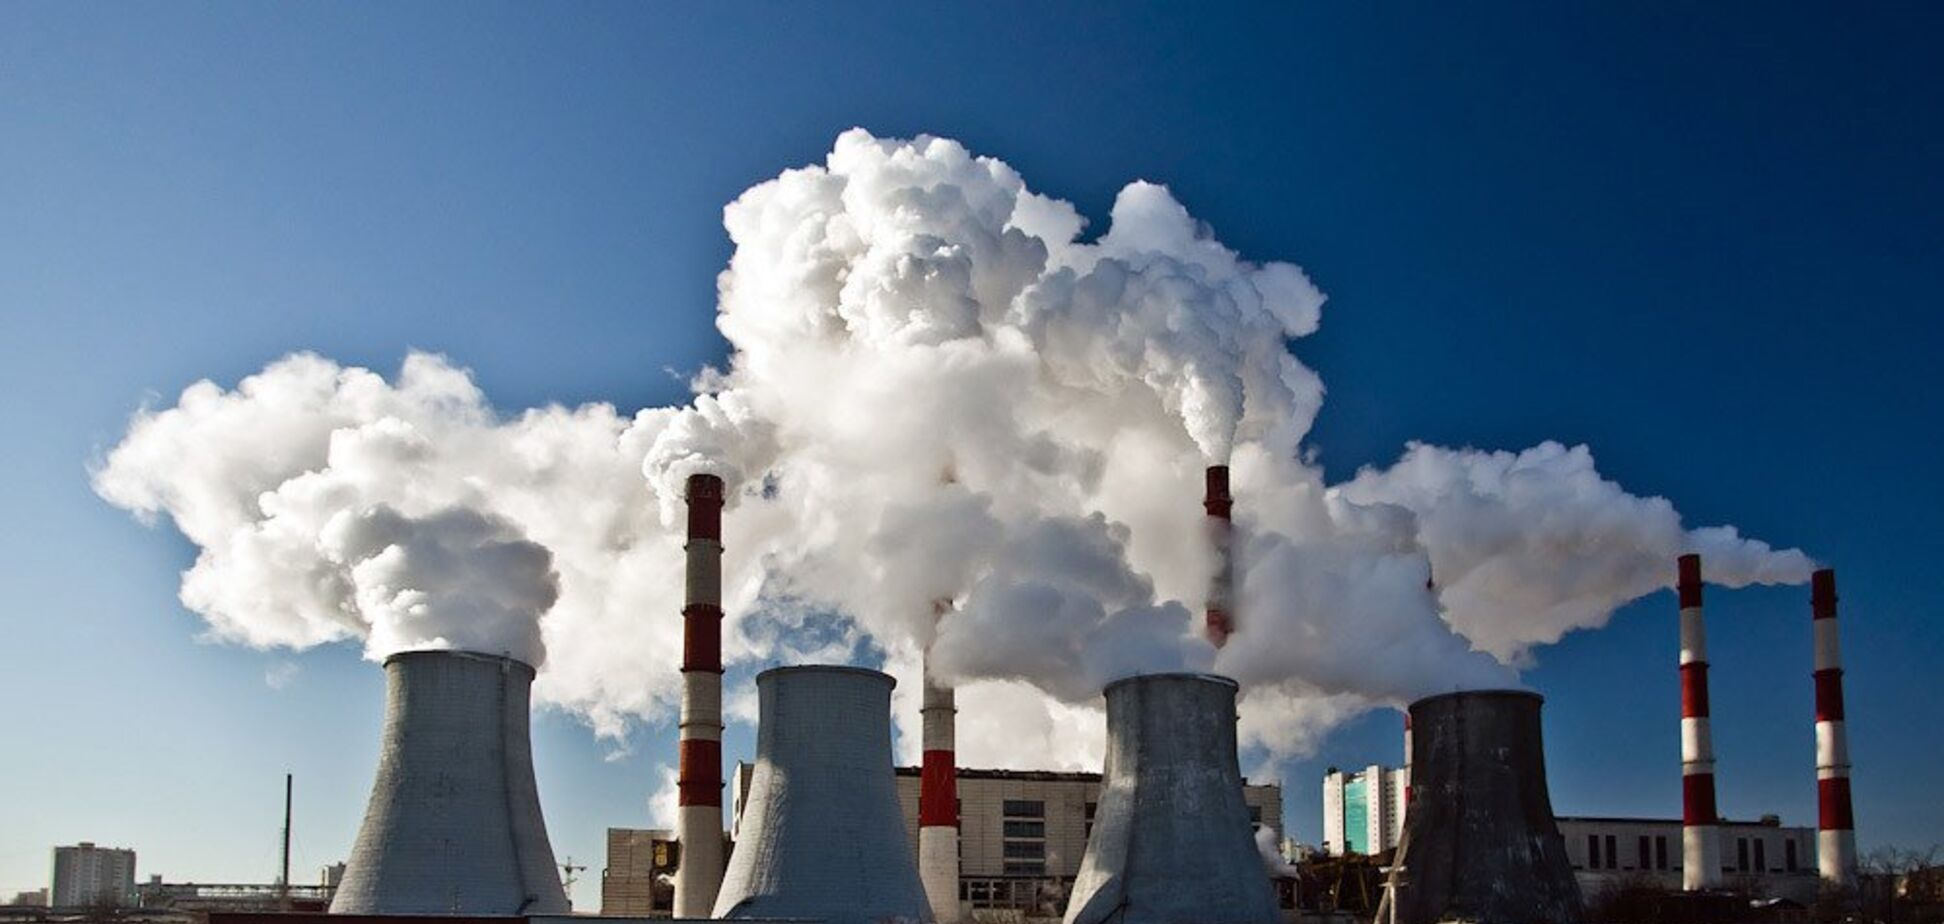 В отмене энергореформы заинтересованы некоторые олигархические группы – эксперт